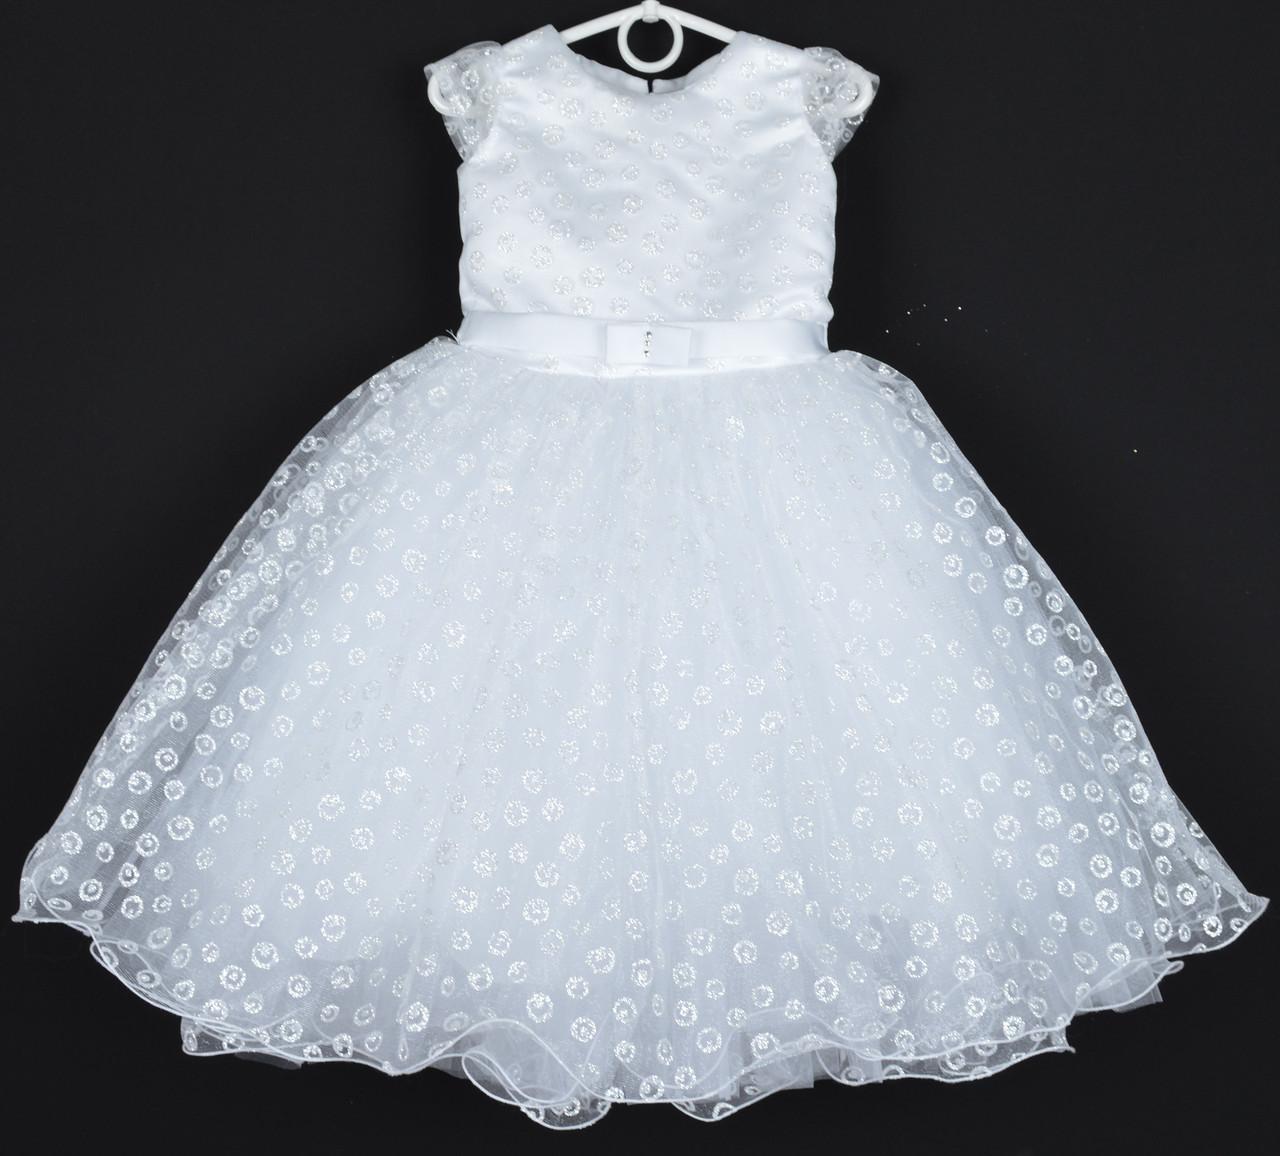 """Платье нарядное детское """"Горошек"""" с рукавчиком 4-5 лет. Белый принт. Купить оптом и в розницу"""